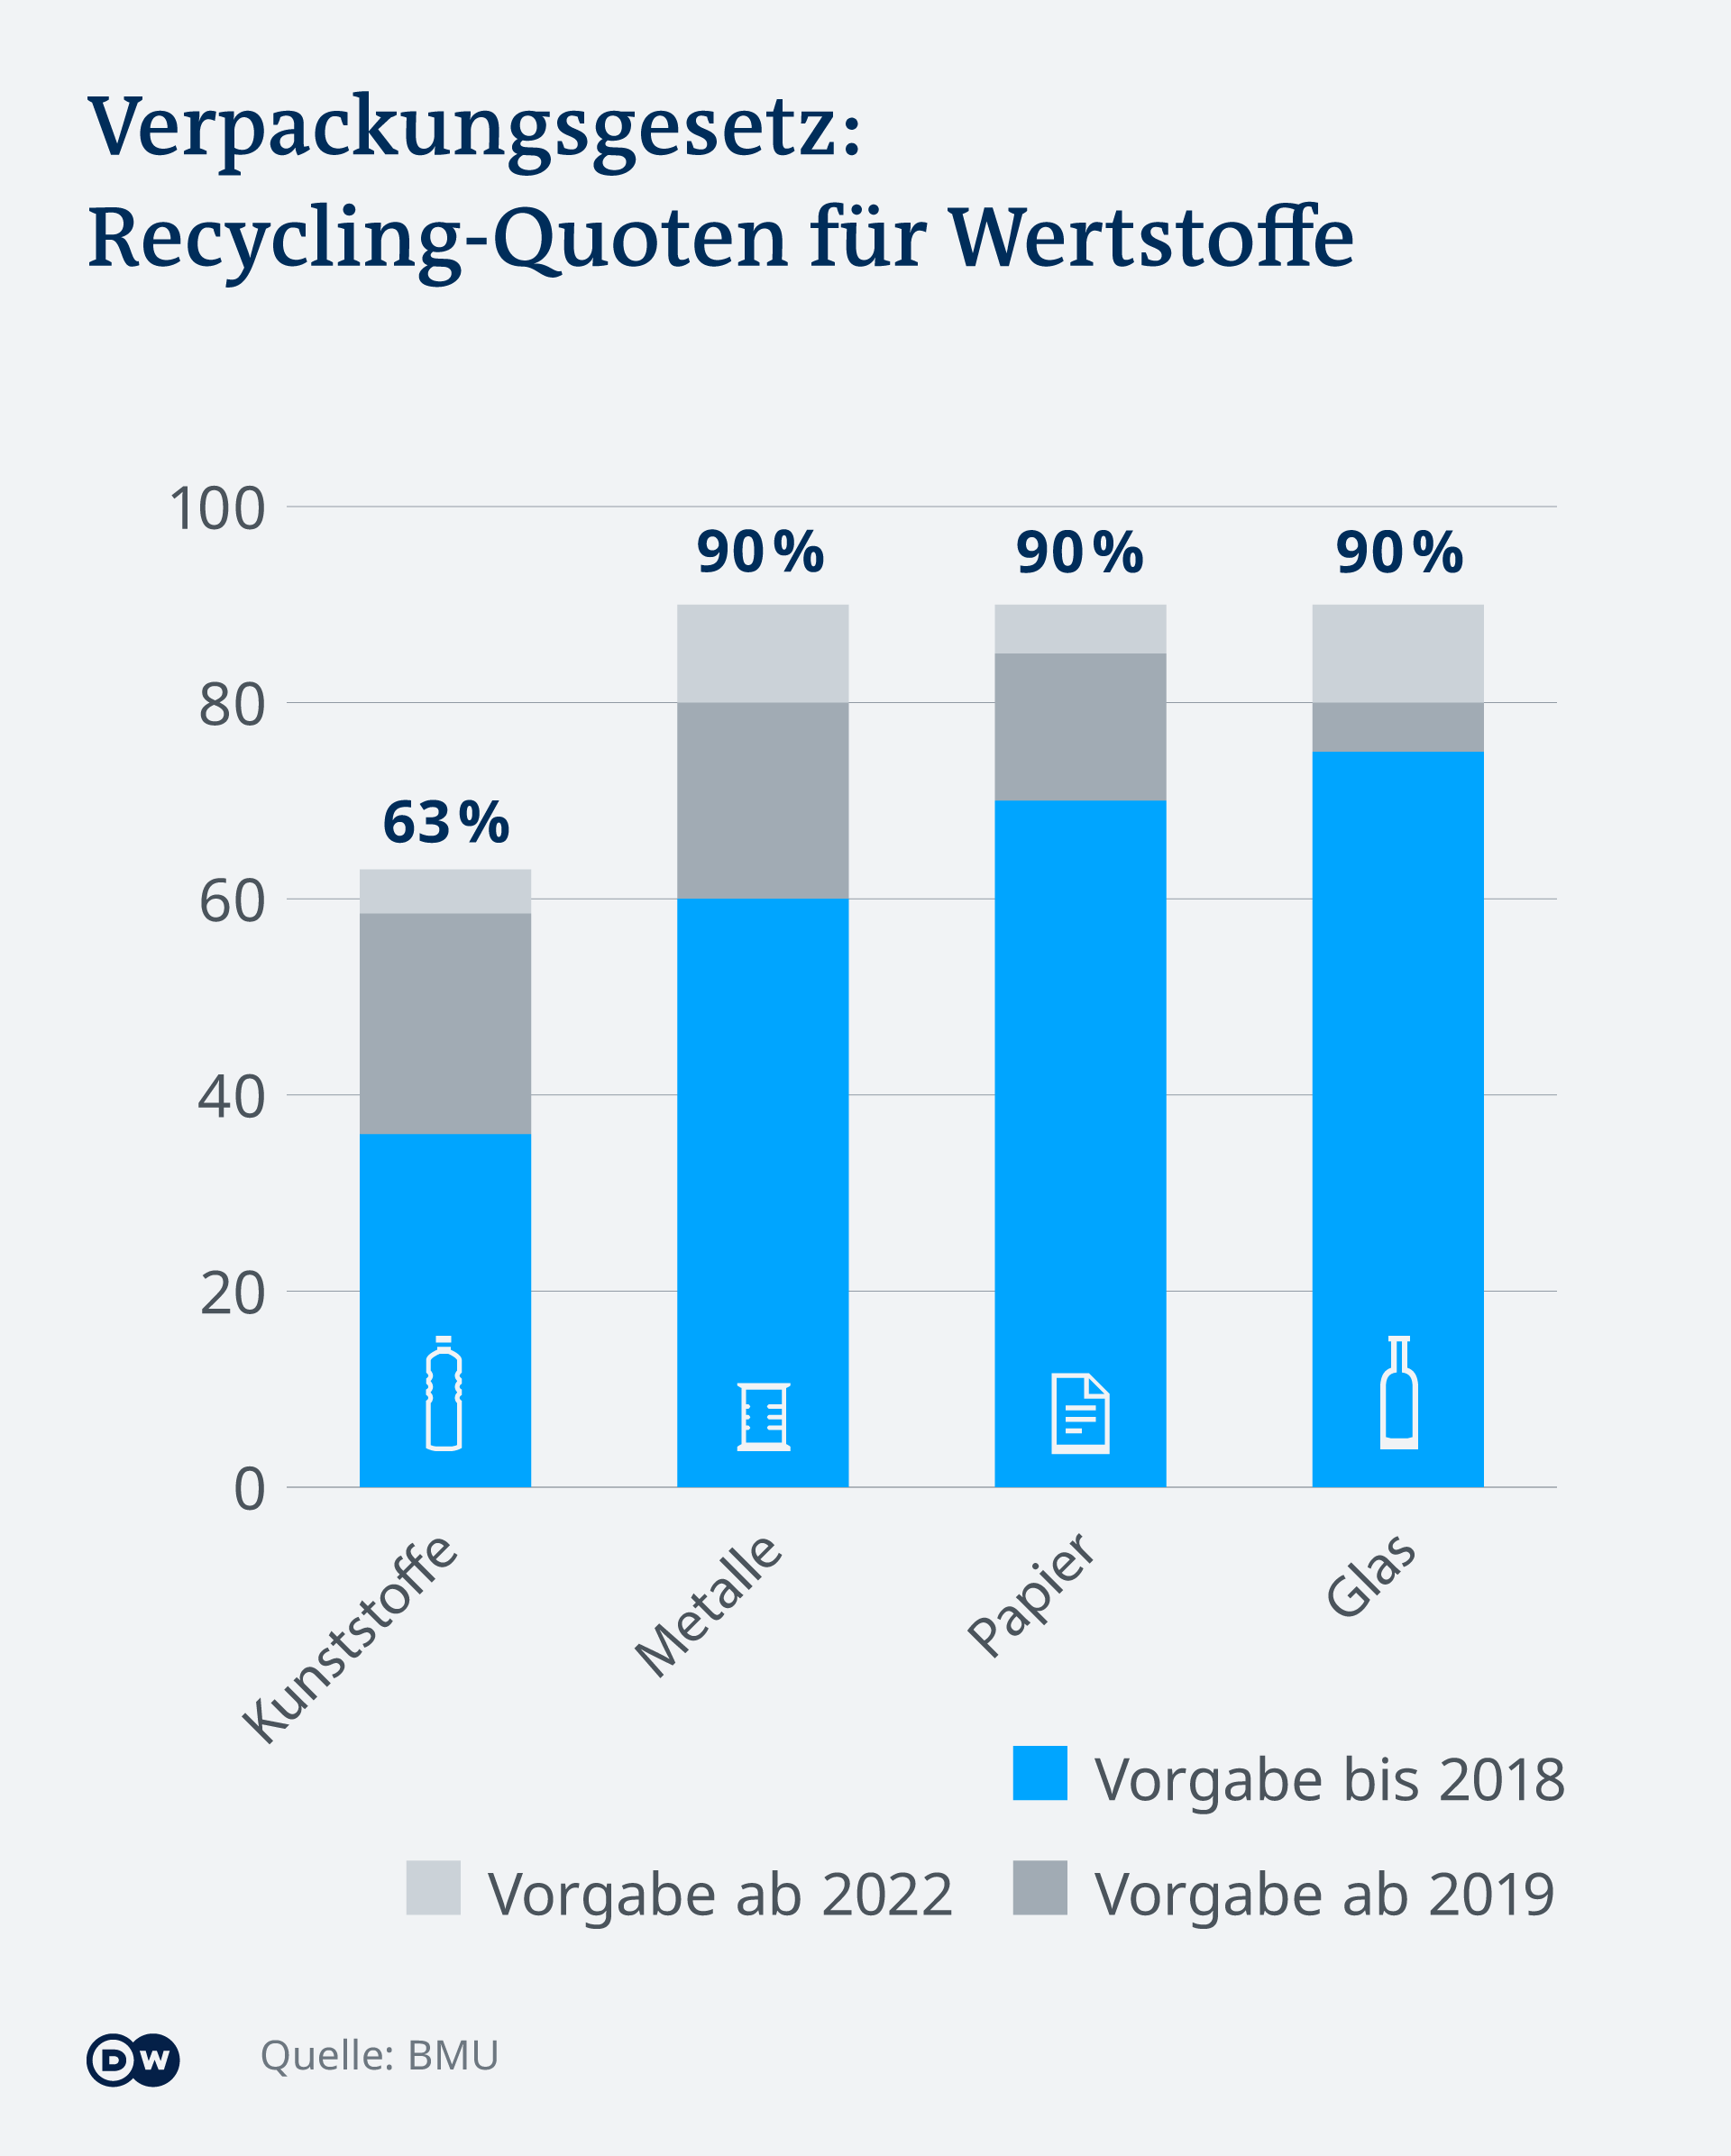 Infografik Verpackungsgesetz: Recycling-Quoten für Wertstoffe